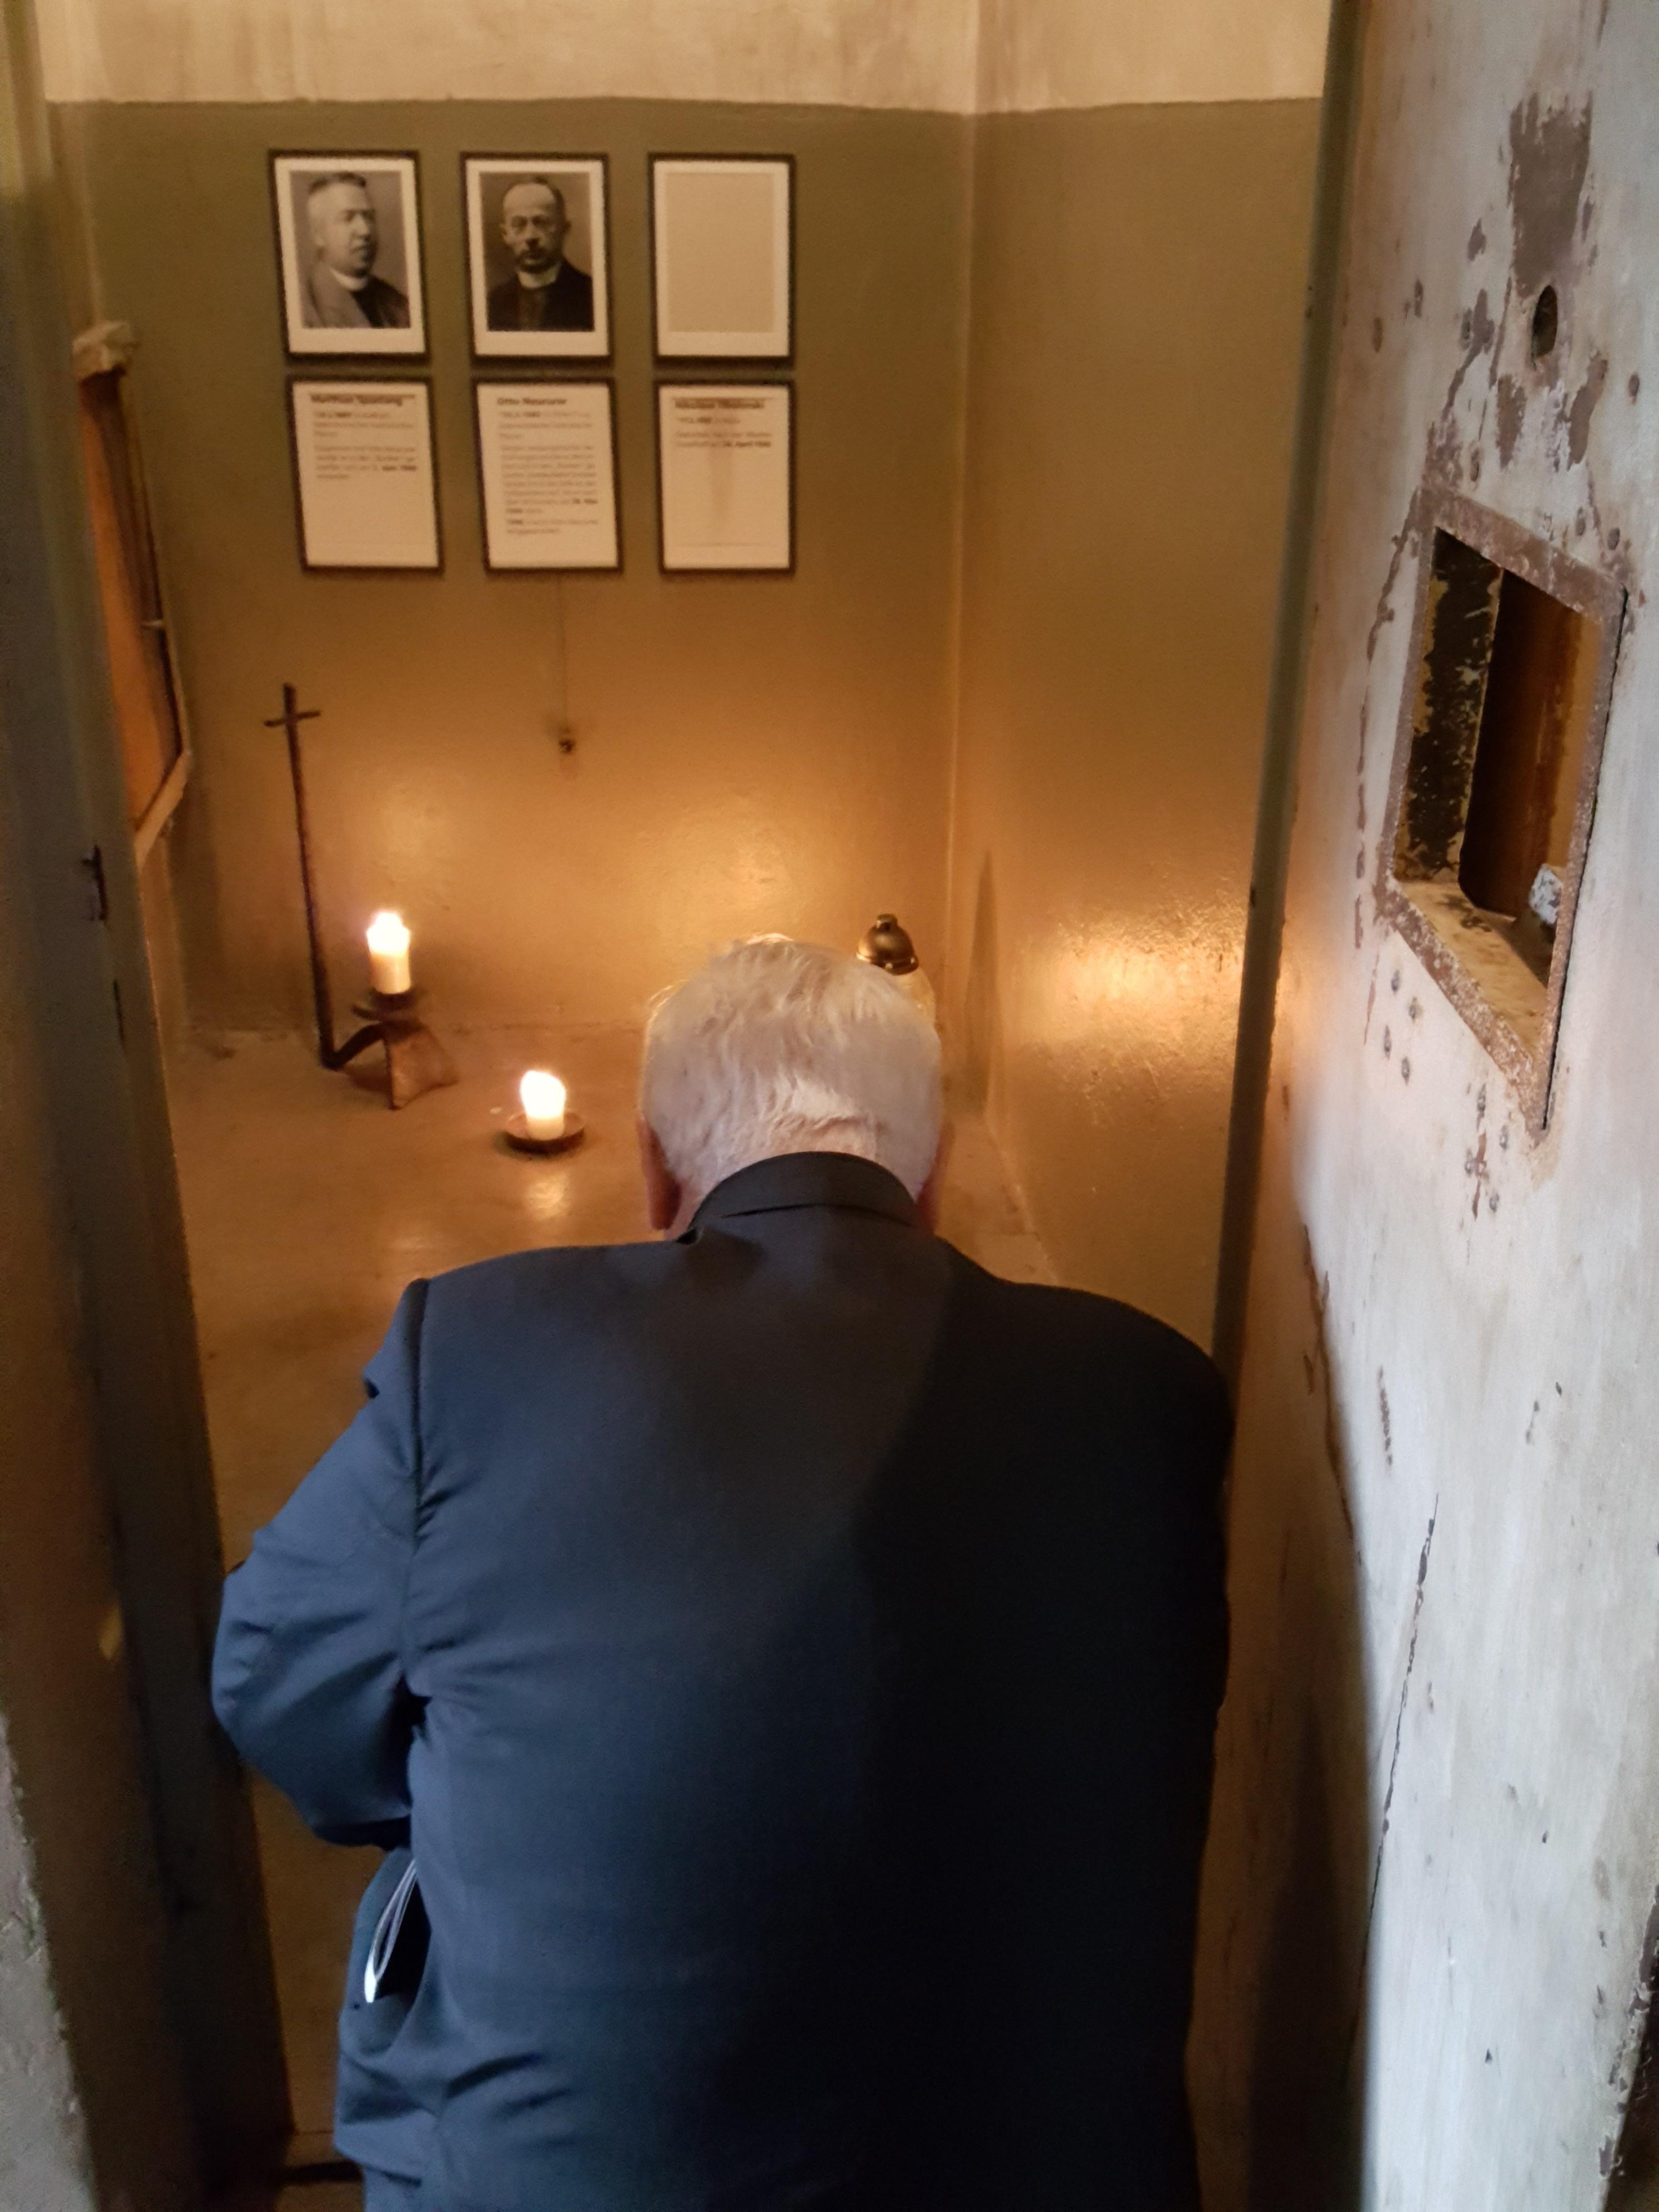 La preghiera di Bassetti nella cella del lager di Buchenwald dove è stato ucciso il beato Otto Neururer